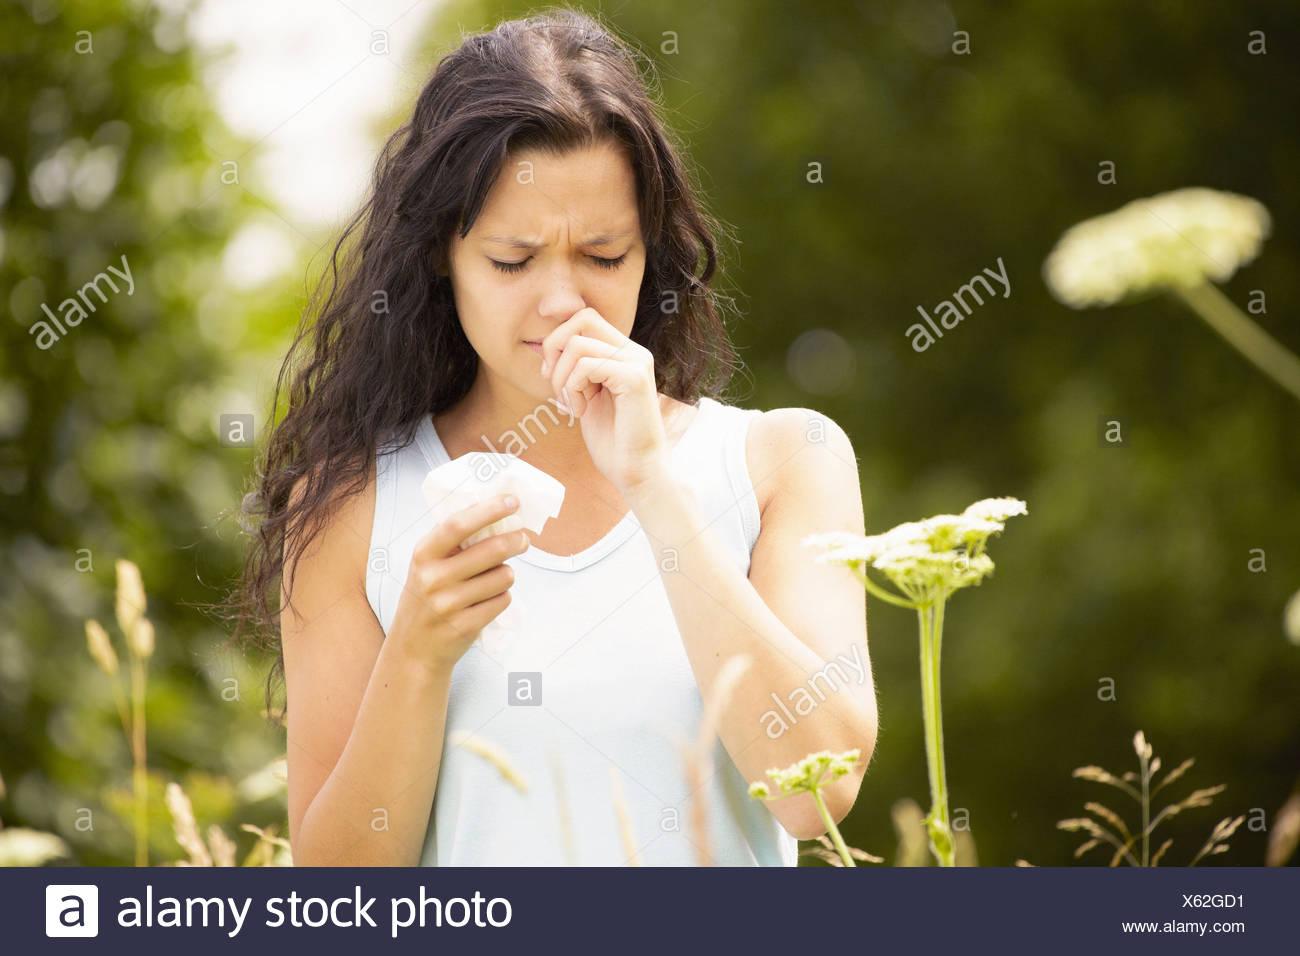 Chica con tejido frotando la nariz Imagen De Stock